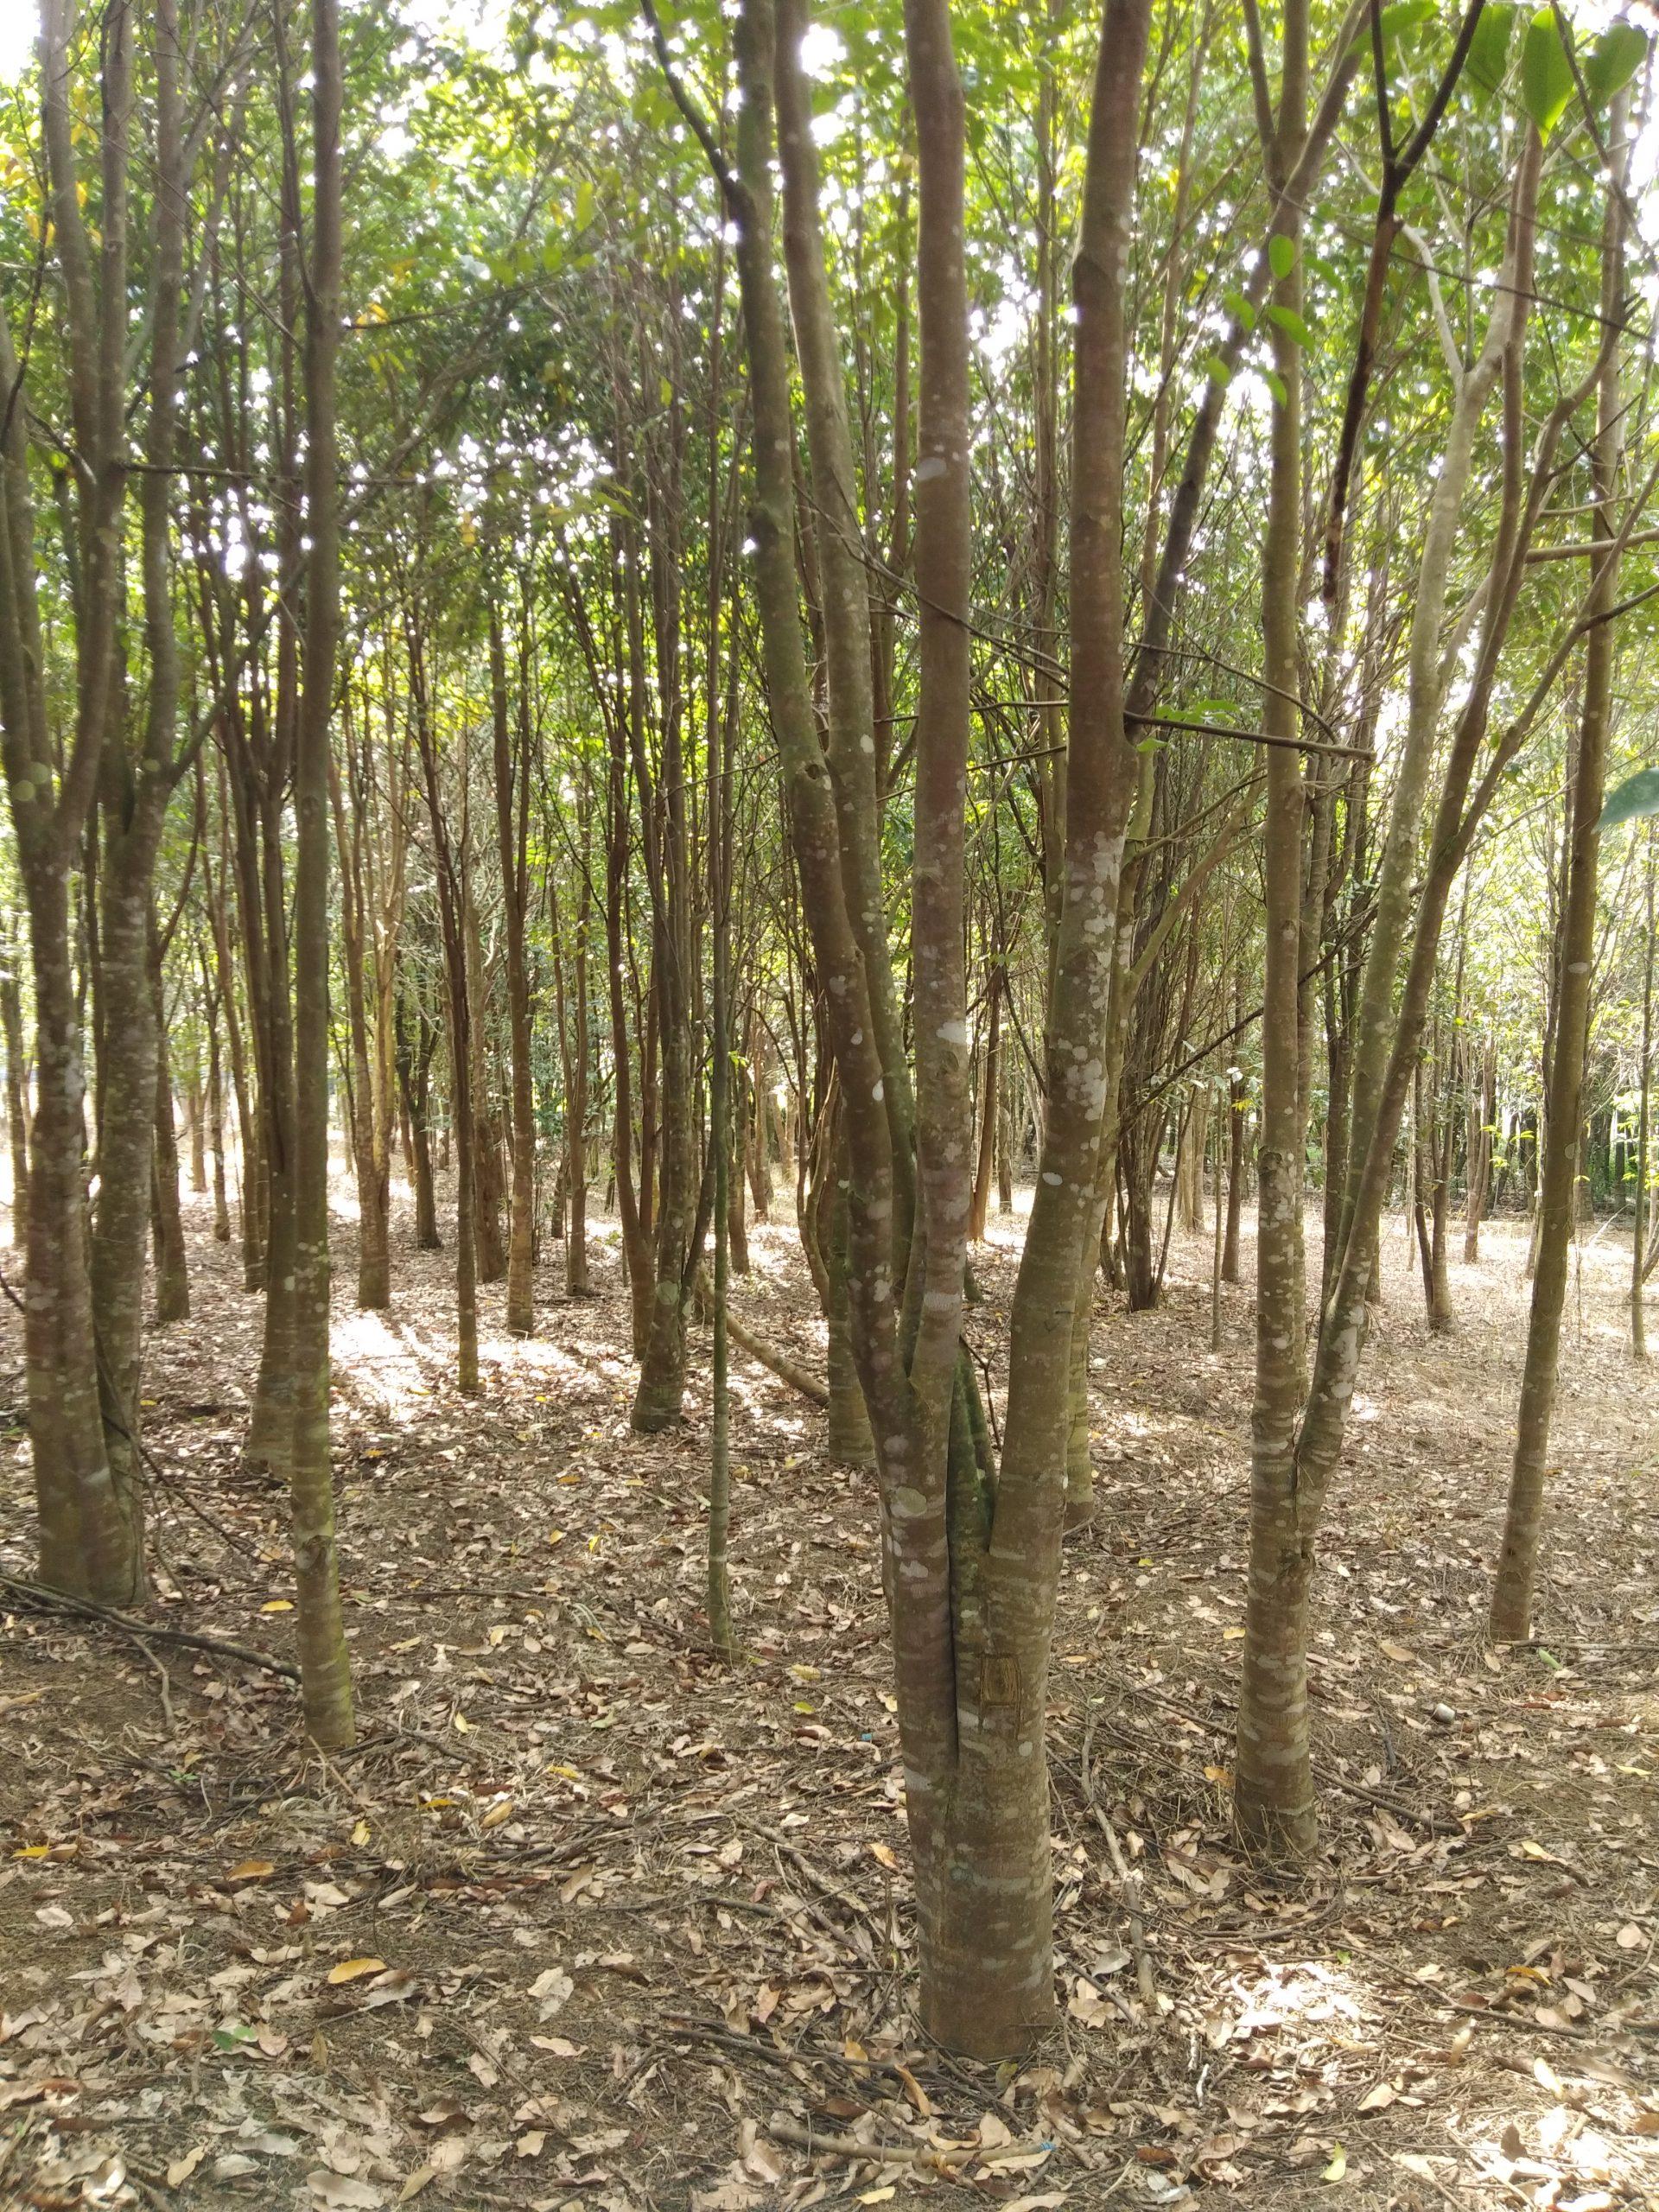 Ladang_Gaharu_MRSOL Setiawan Perak